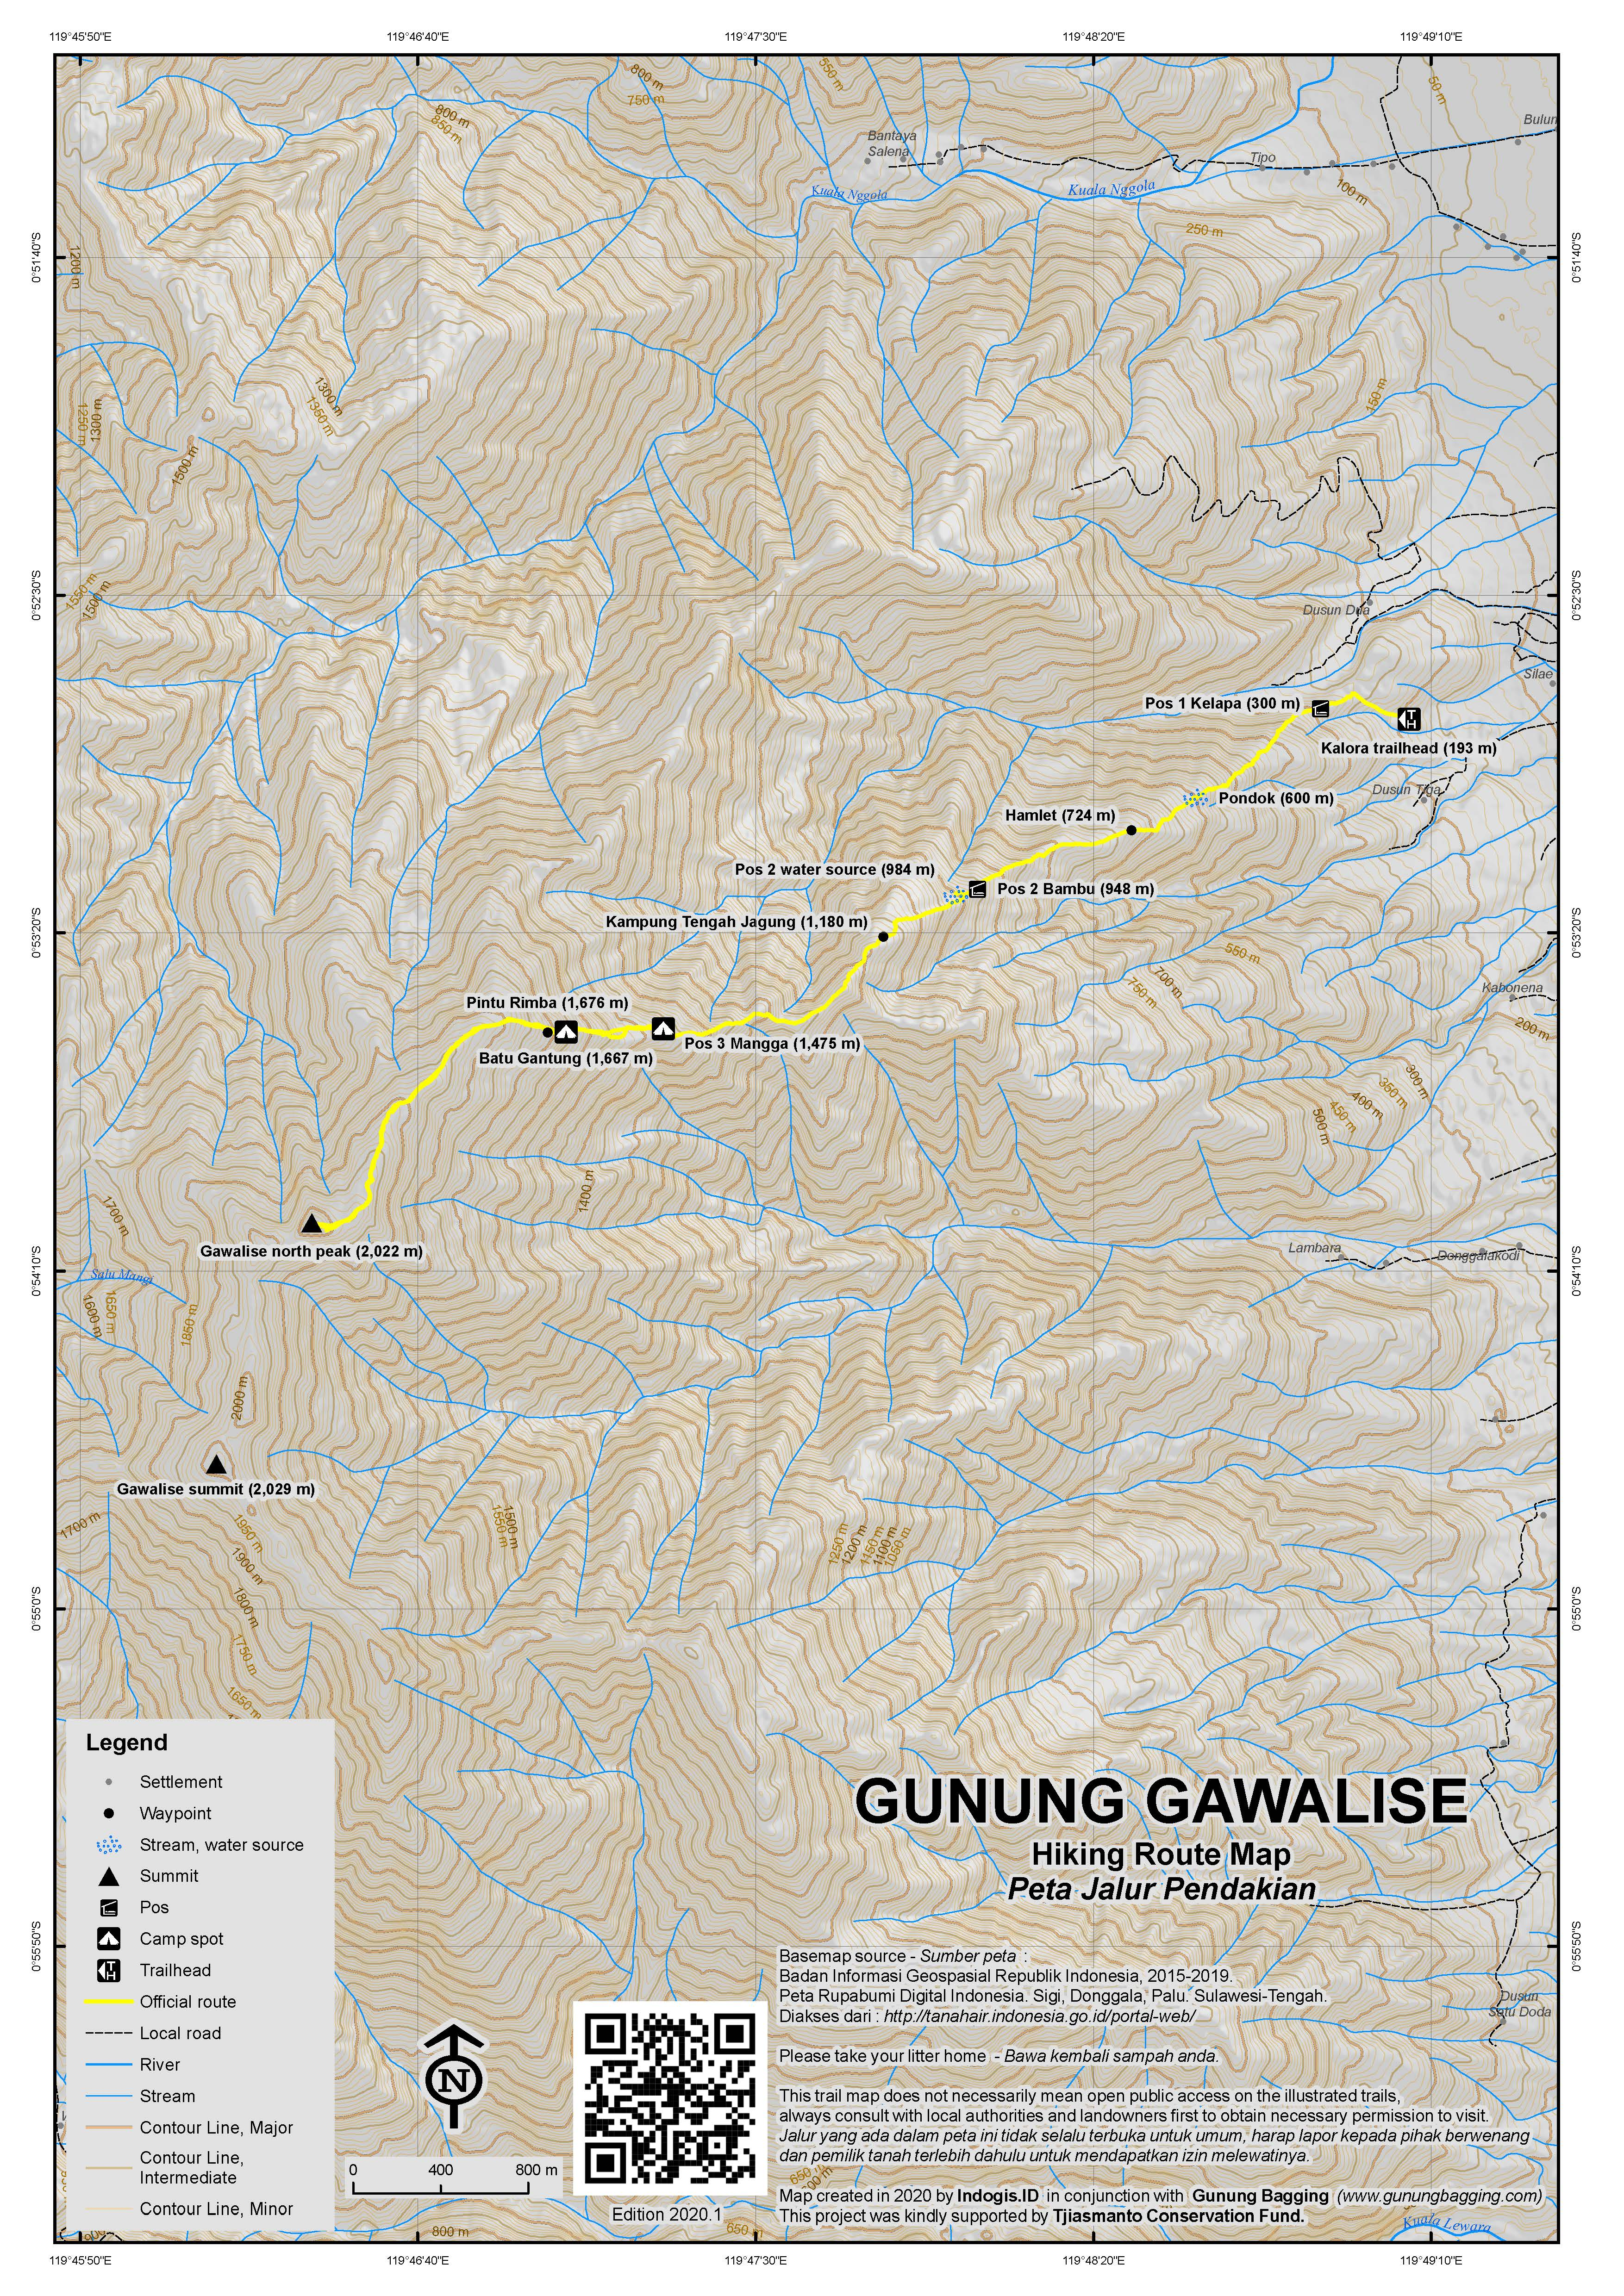 Peta Jalur Pendakian Gunung Gawalise